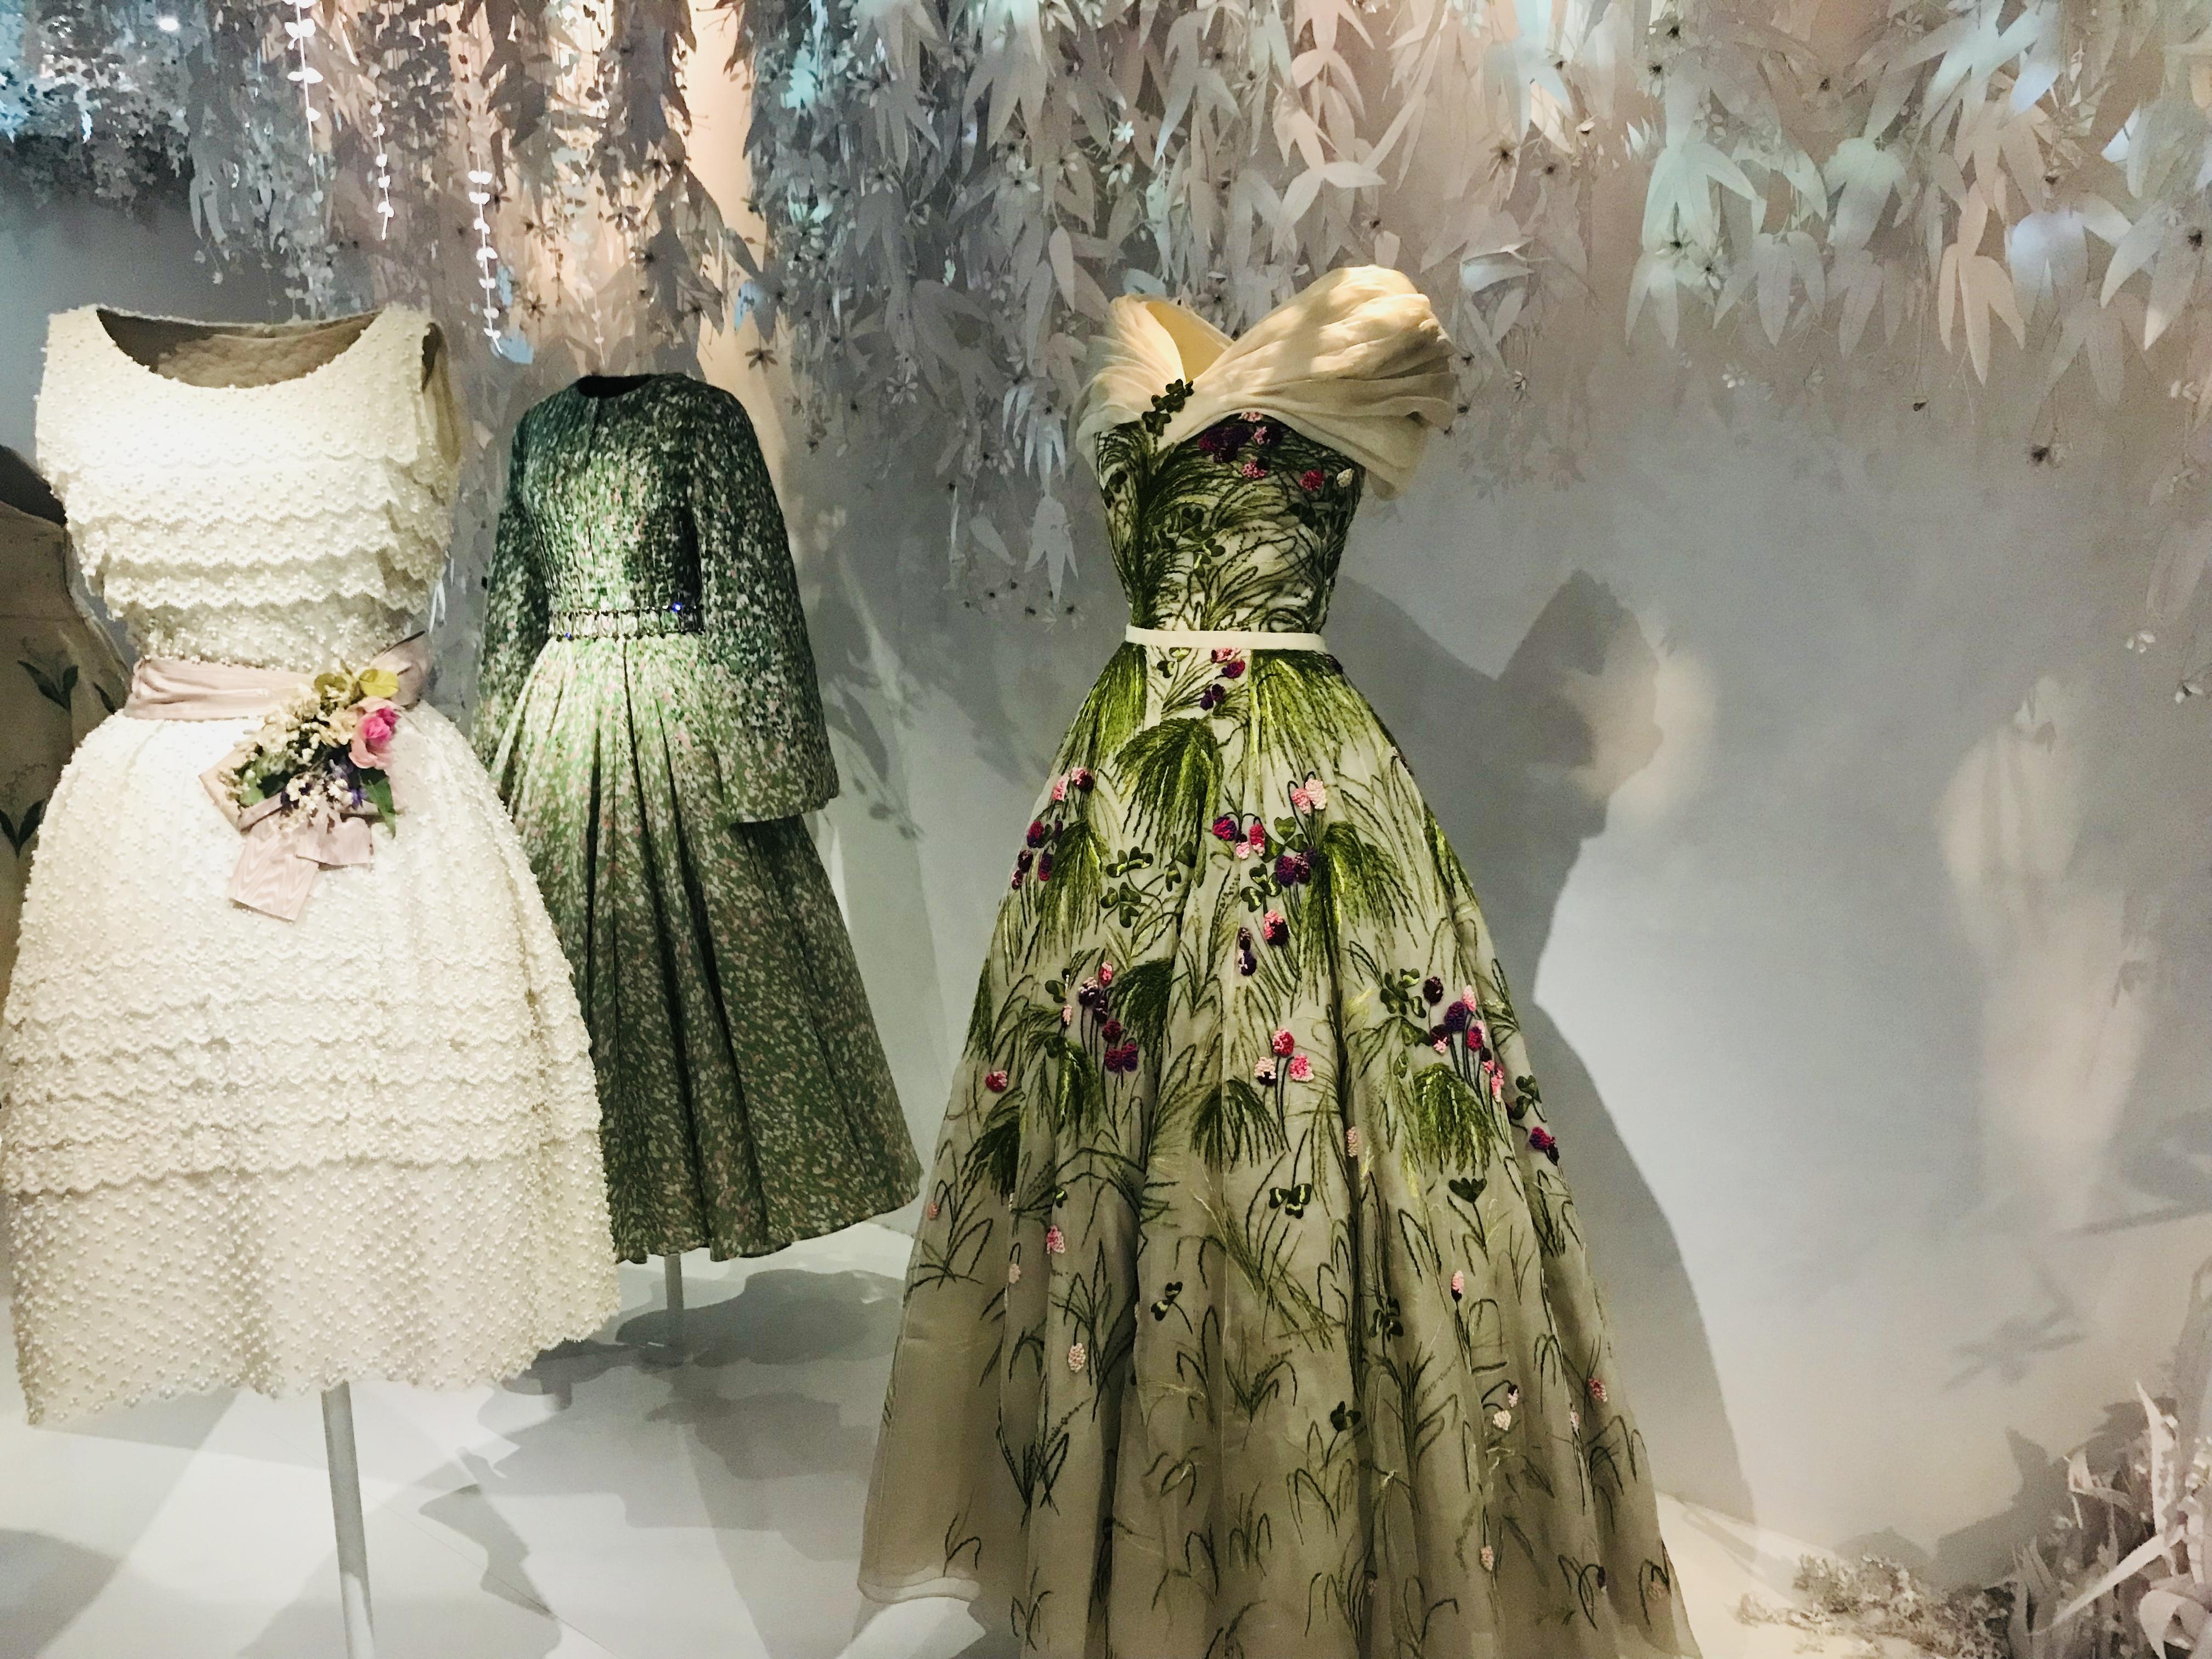 L'Exposition Christian Dior: époustouflante